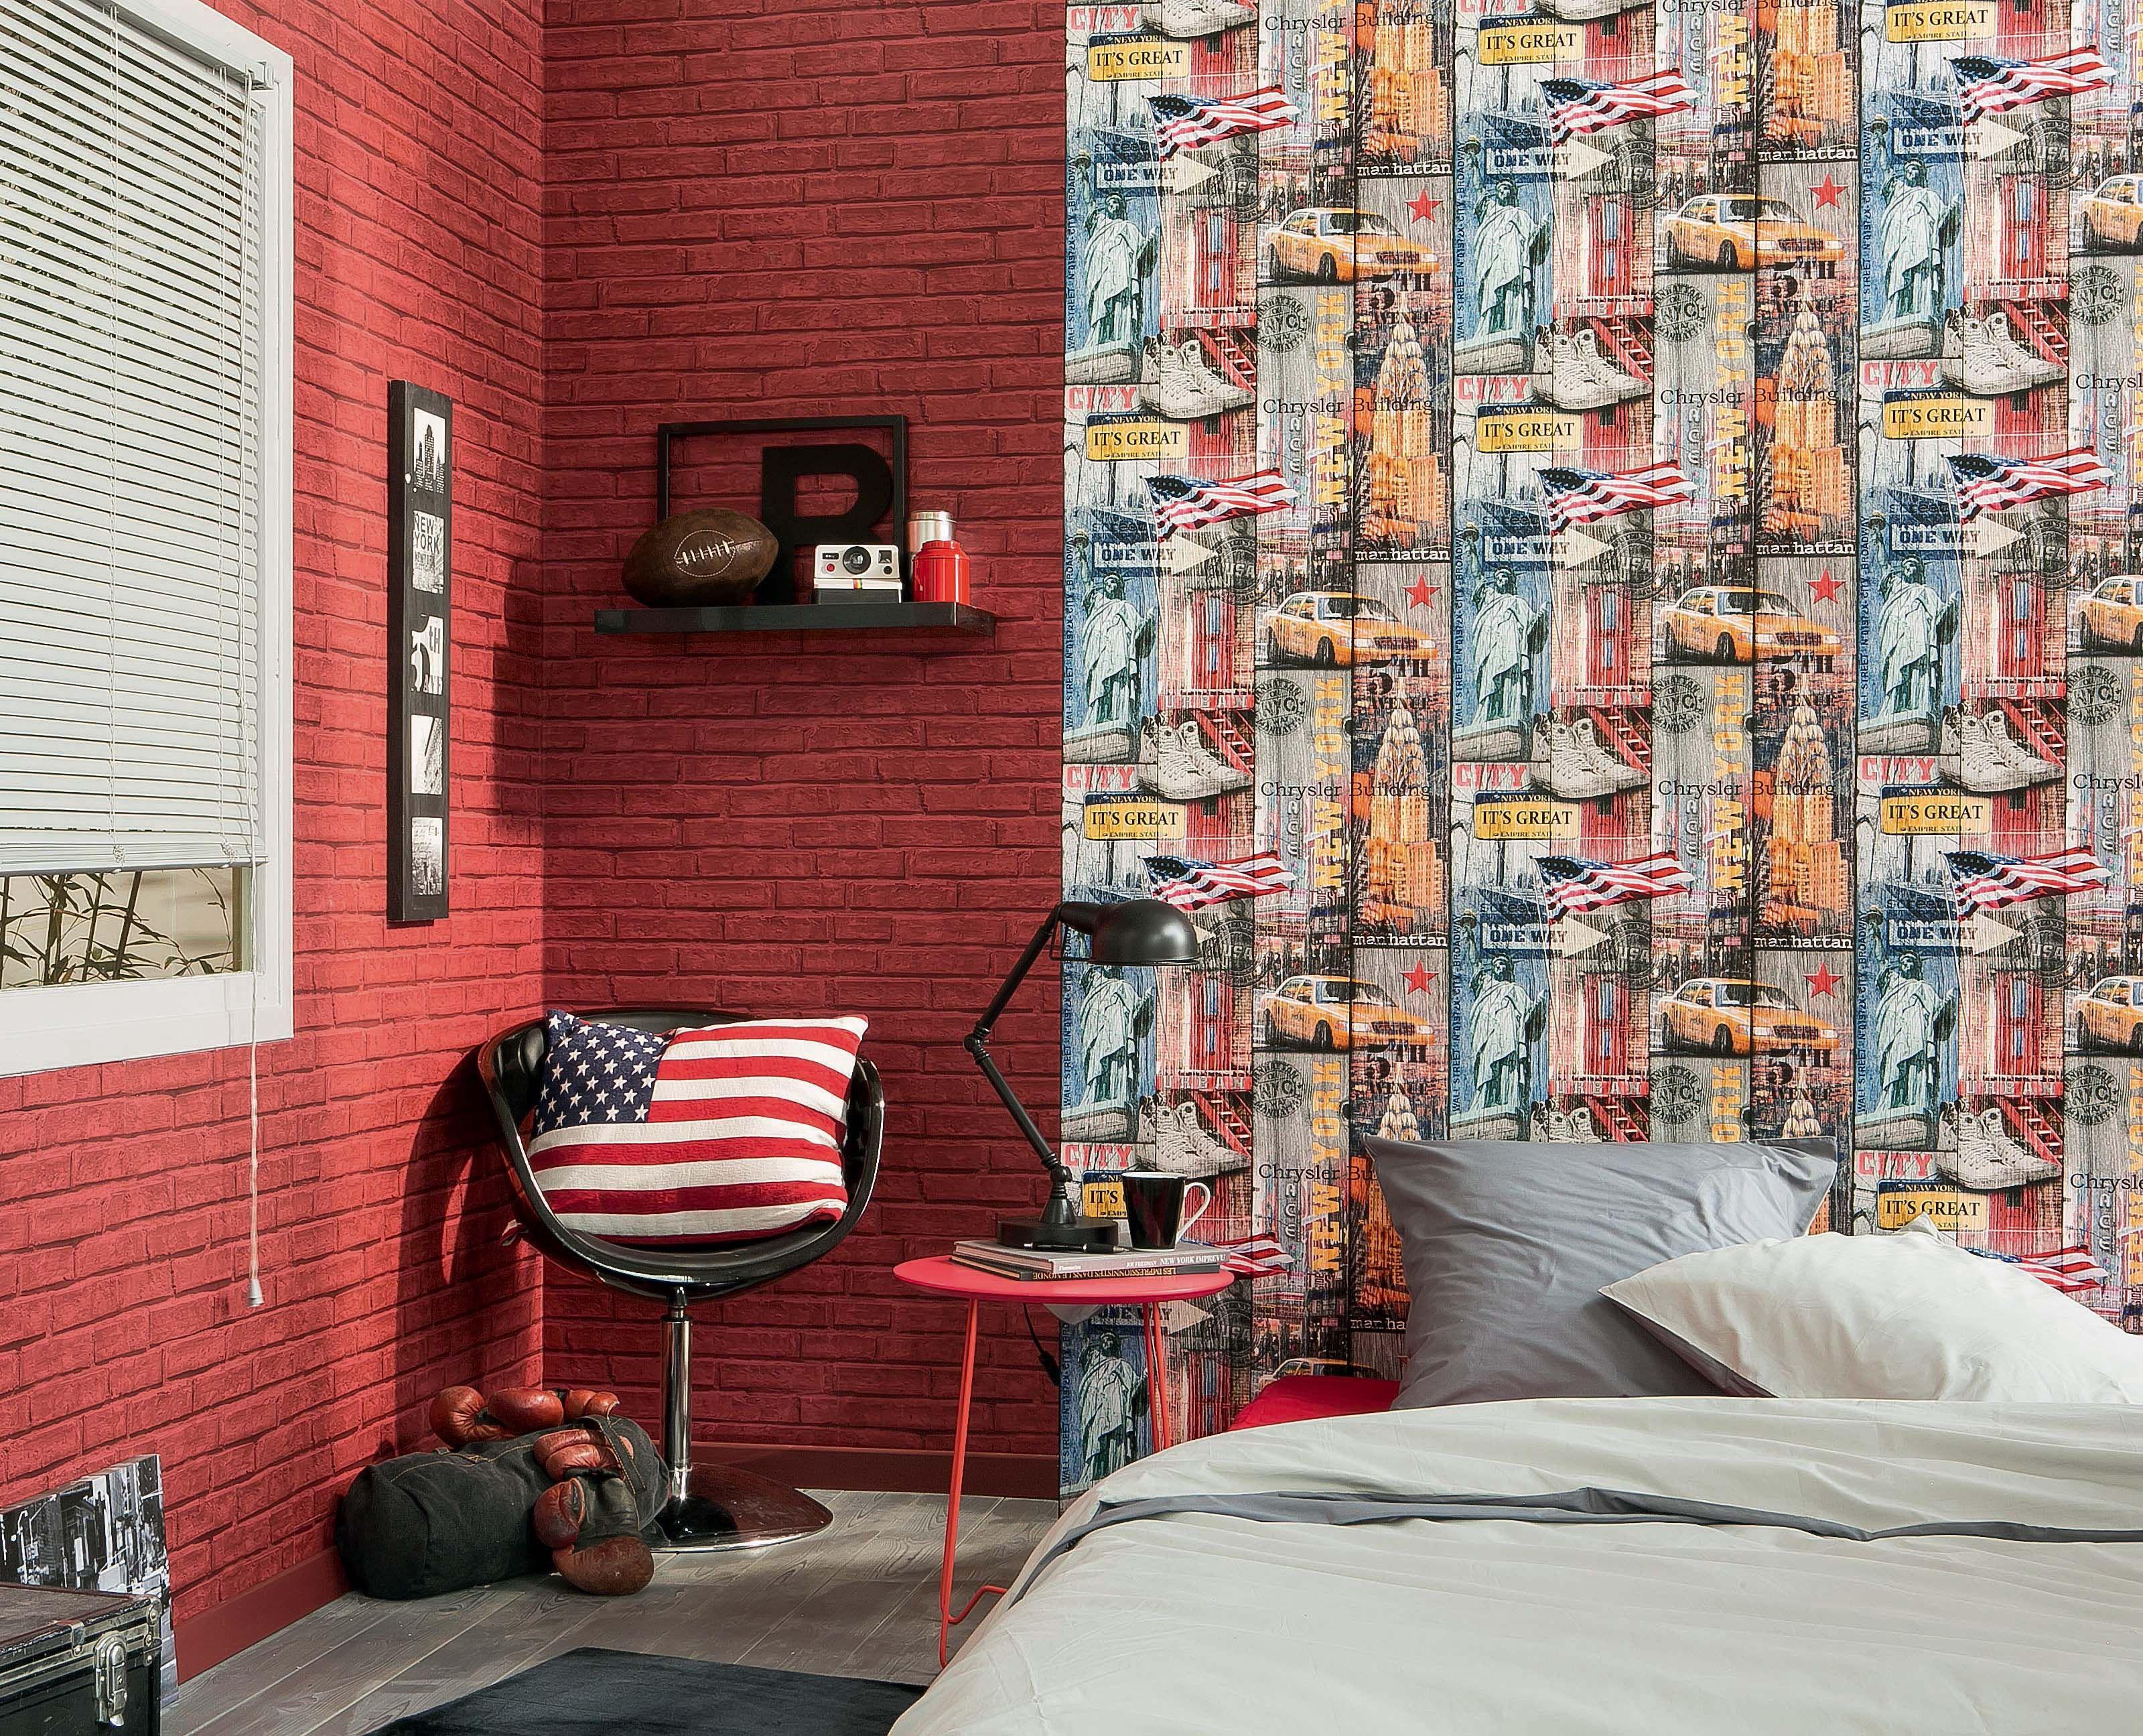 Chambre Ado Avec Papier Peint Brique assortiment d'un papier peint briques rouges avec un papier